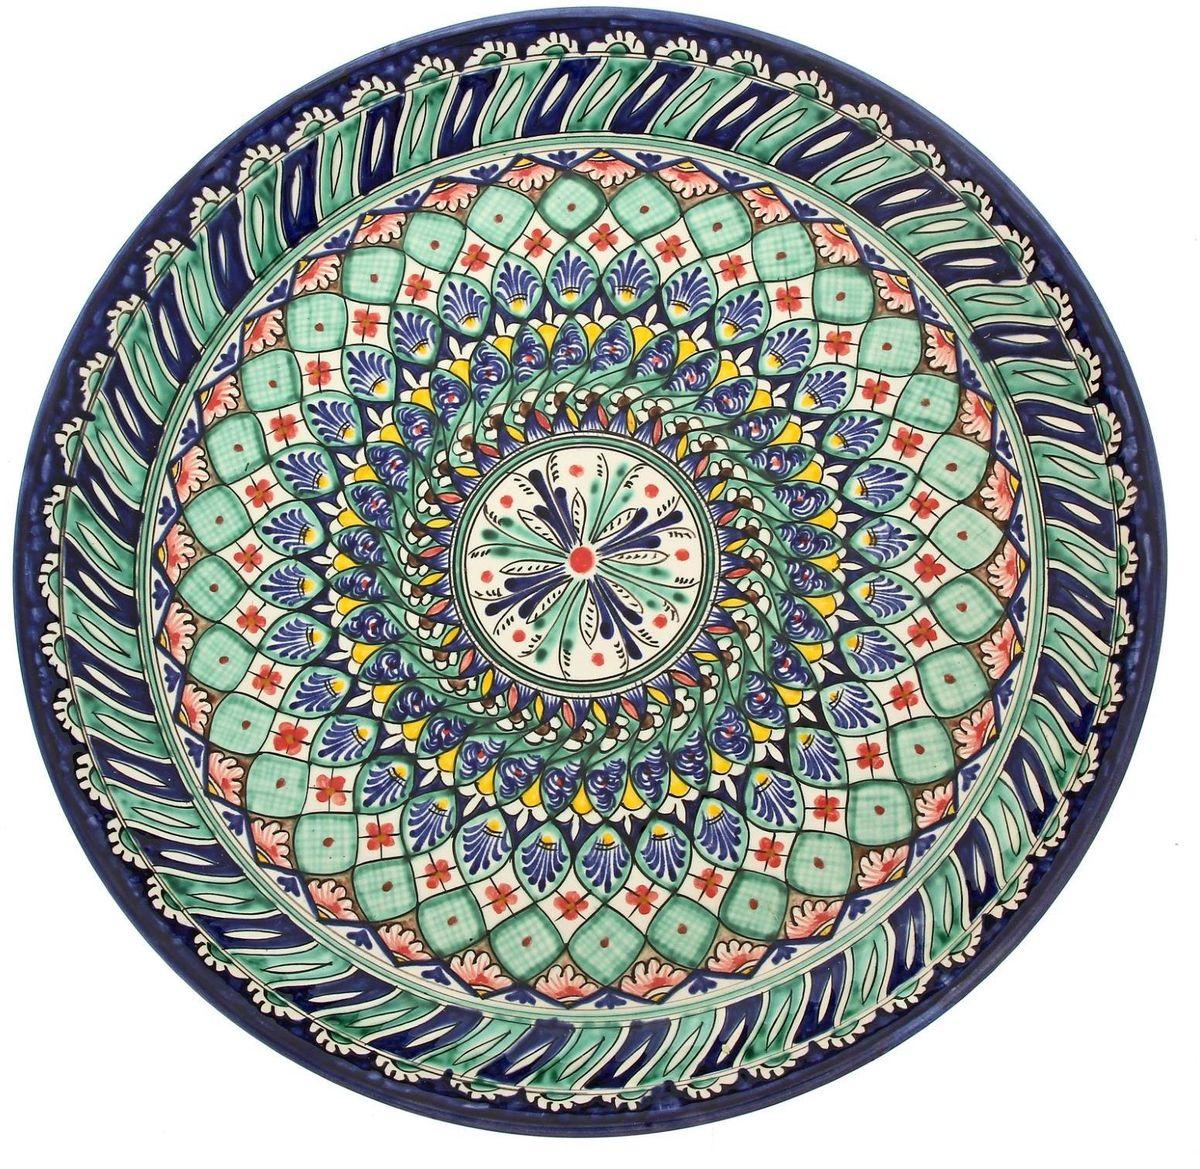 Ляган Риштанская керамика, диаметр 36 см. 19242241924224Ляган — это не просто обеденный атрибут, это украшение стола. Посуда с национальной росписью станет отменным подарком для ценителей высокородной посуды.Риштан — город на востоке Узбекистана, один из древнейших в Ферганской долине. С давних времён Риштан славится своим гончарным искусством изготовления цветной керамики. Красноватую глину для изделия добывают в самом городе. Мастера утверждают, что их глина настолько высокого качества, что даже не нуждается в предварительной обработке. Дополните коллекцию кухонных аксессуаров пряными восточными нотами.